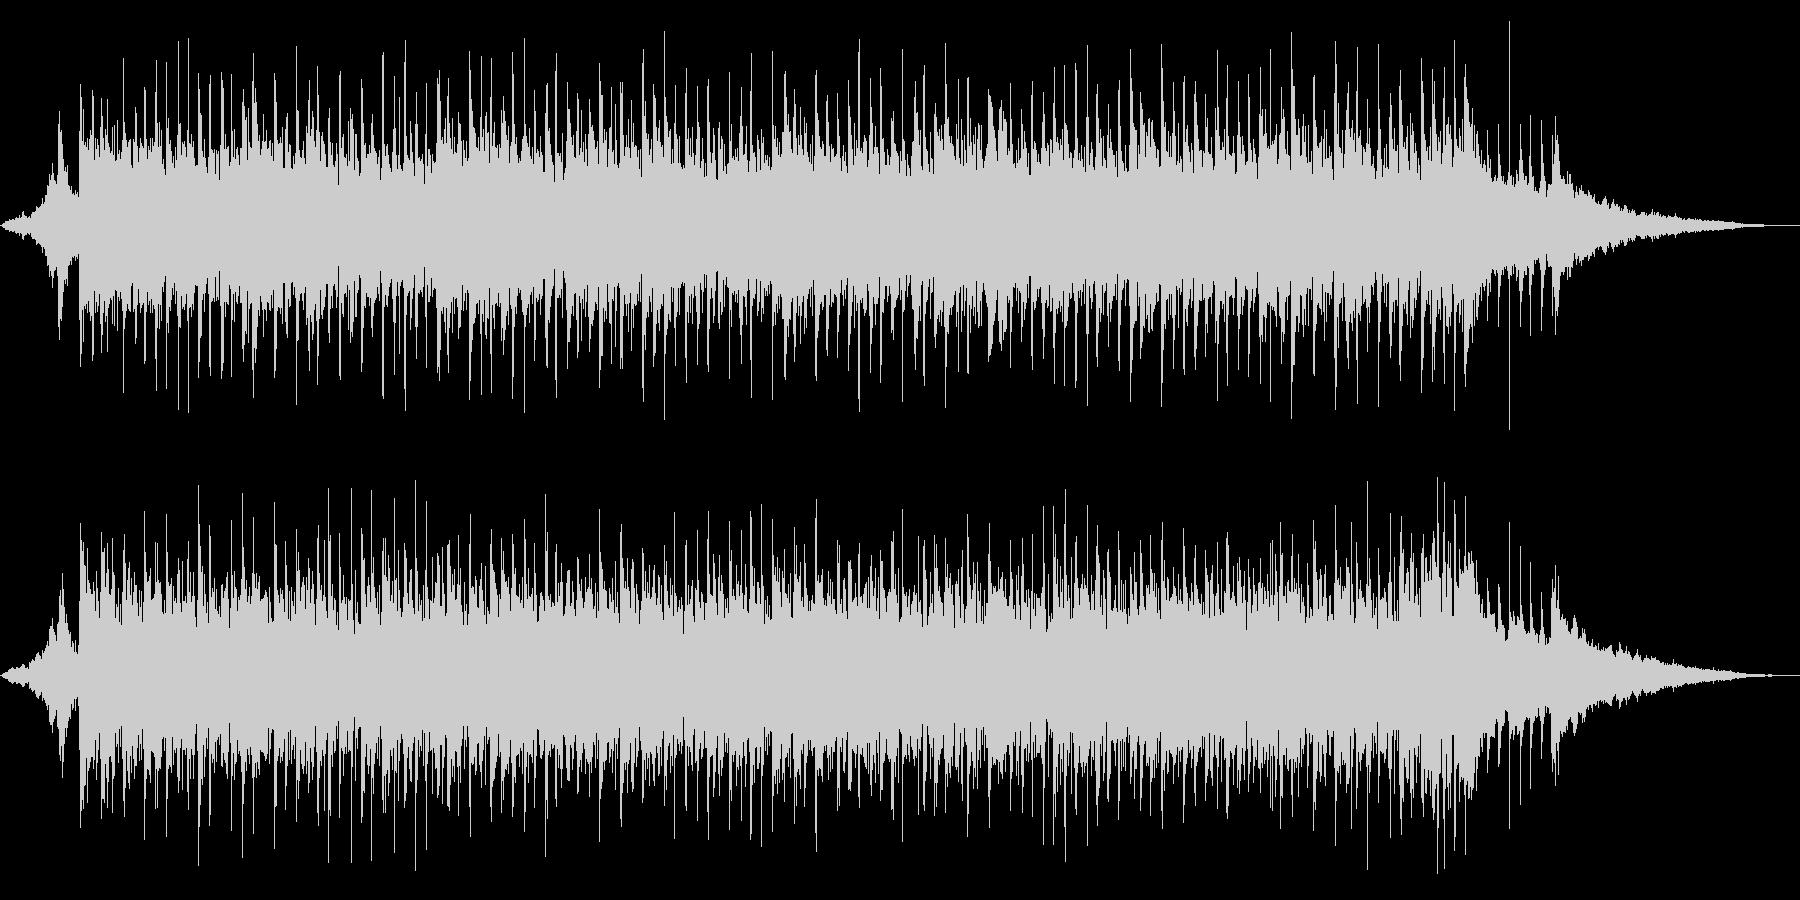 モダン和風EDM/ReMIX/短尺参の未再生の波形